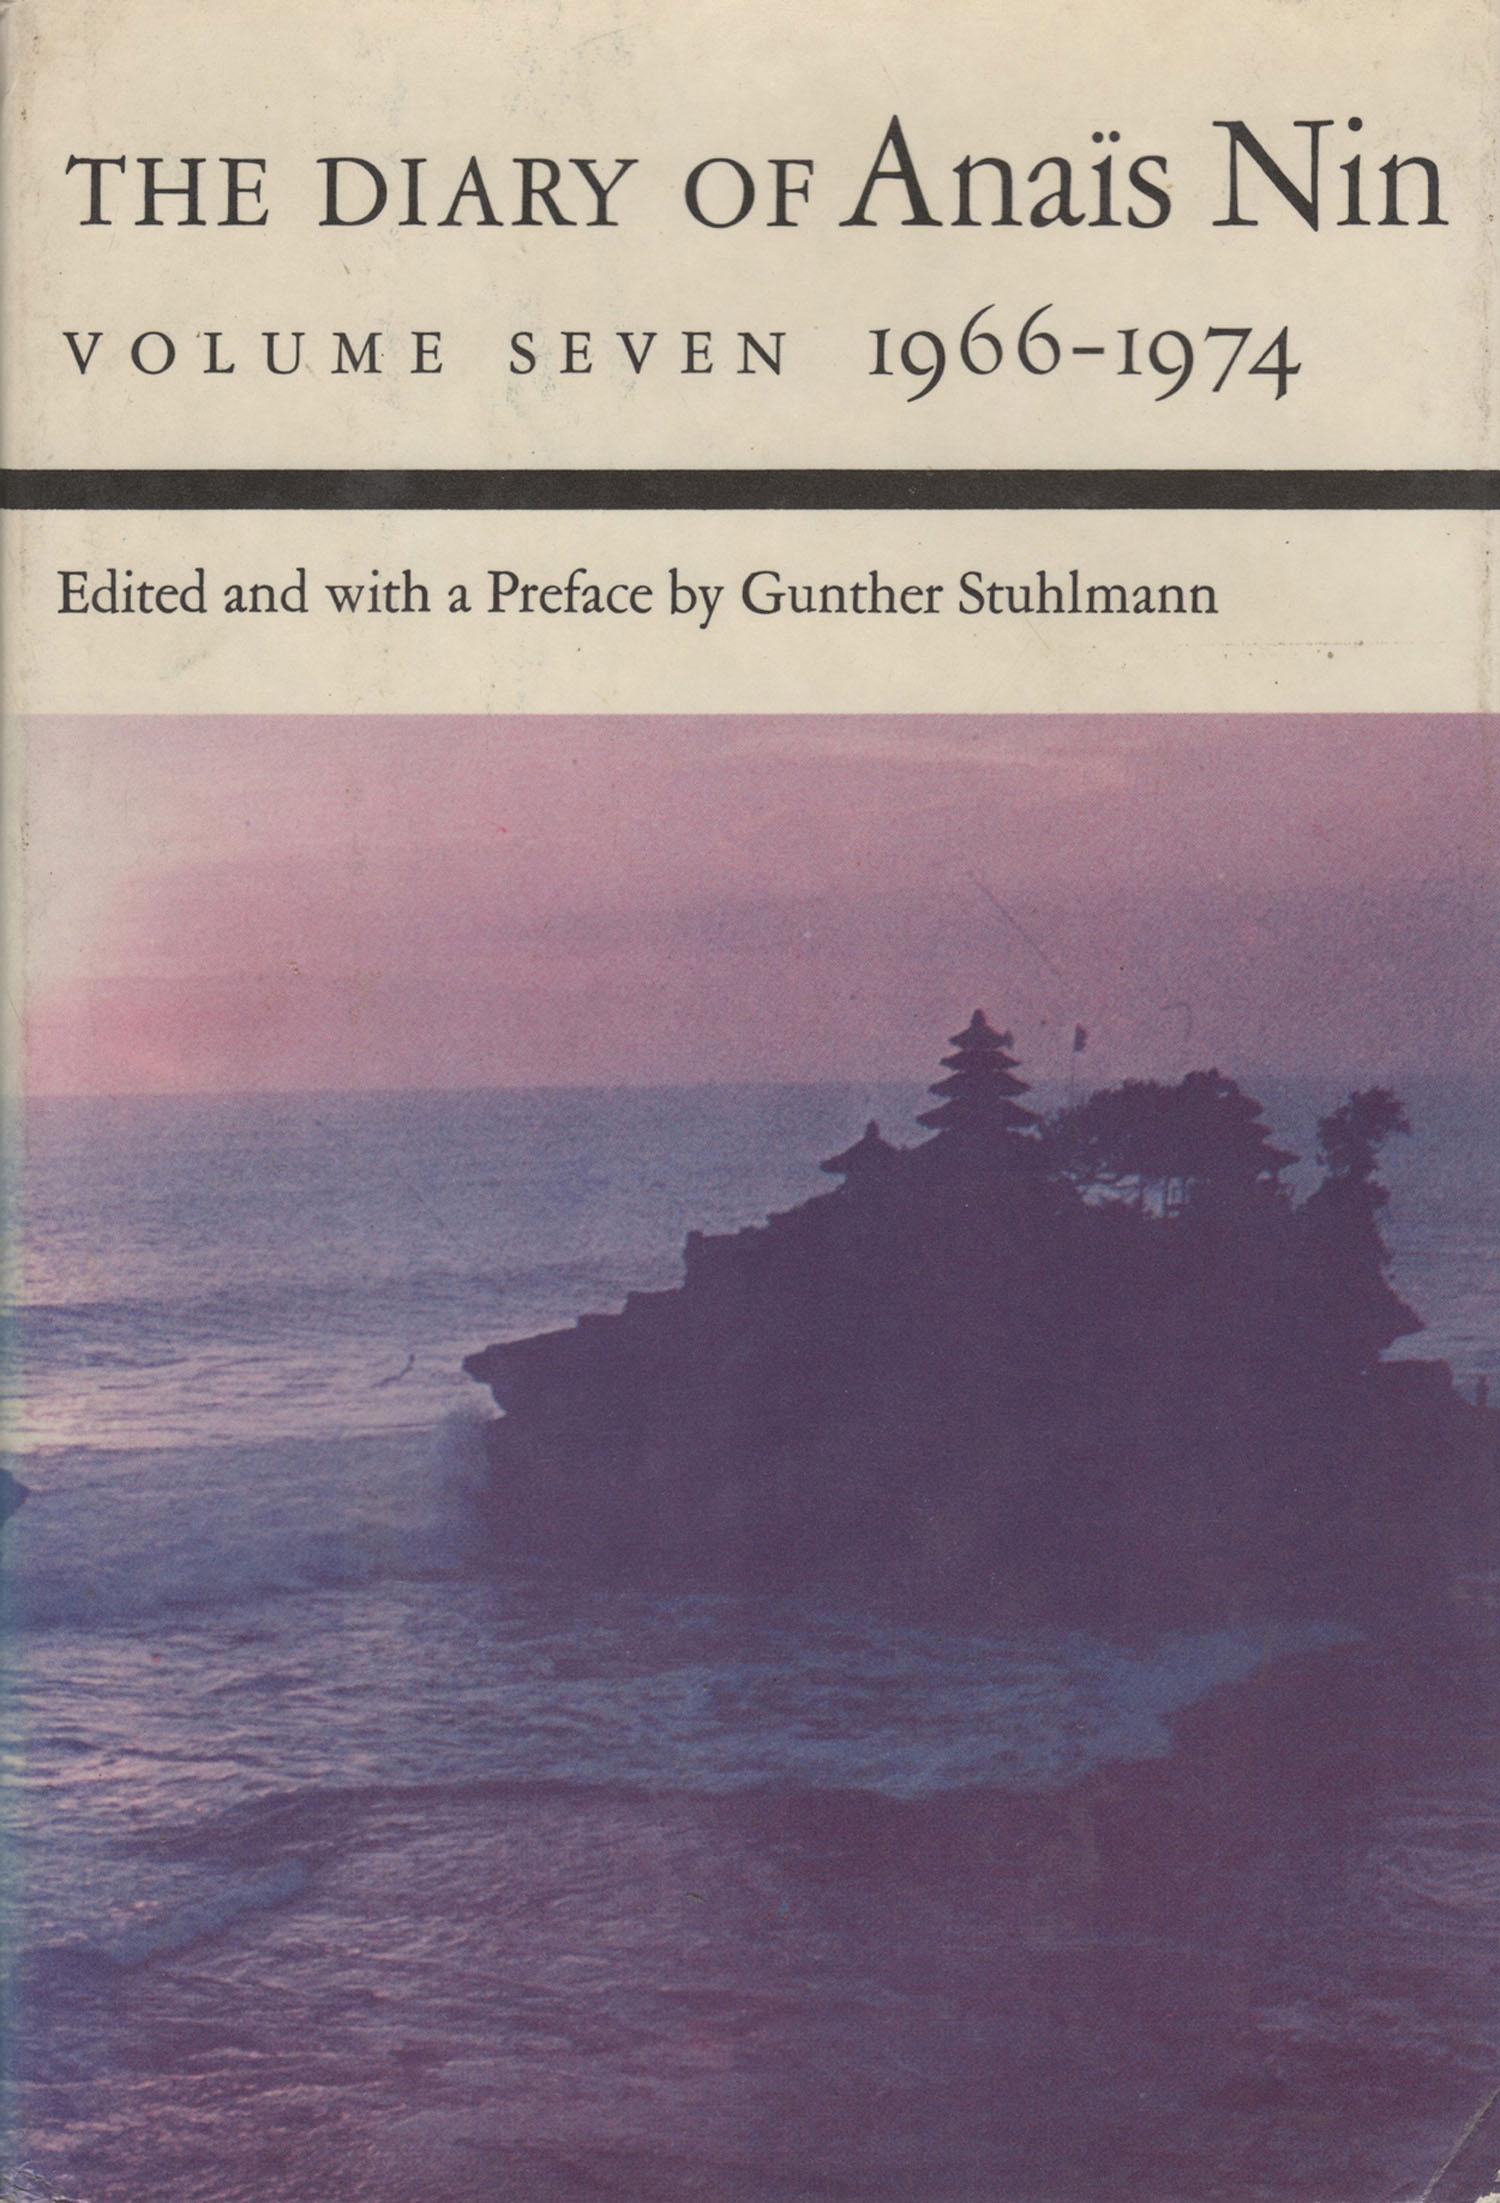 The Diary of Anais Nin Volume Seven